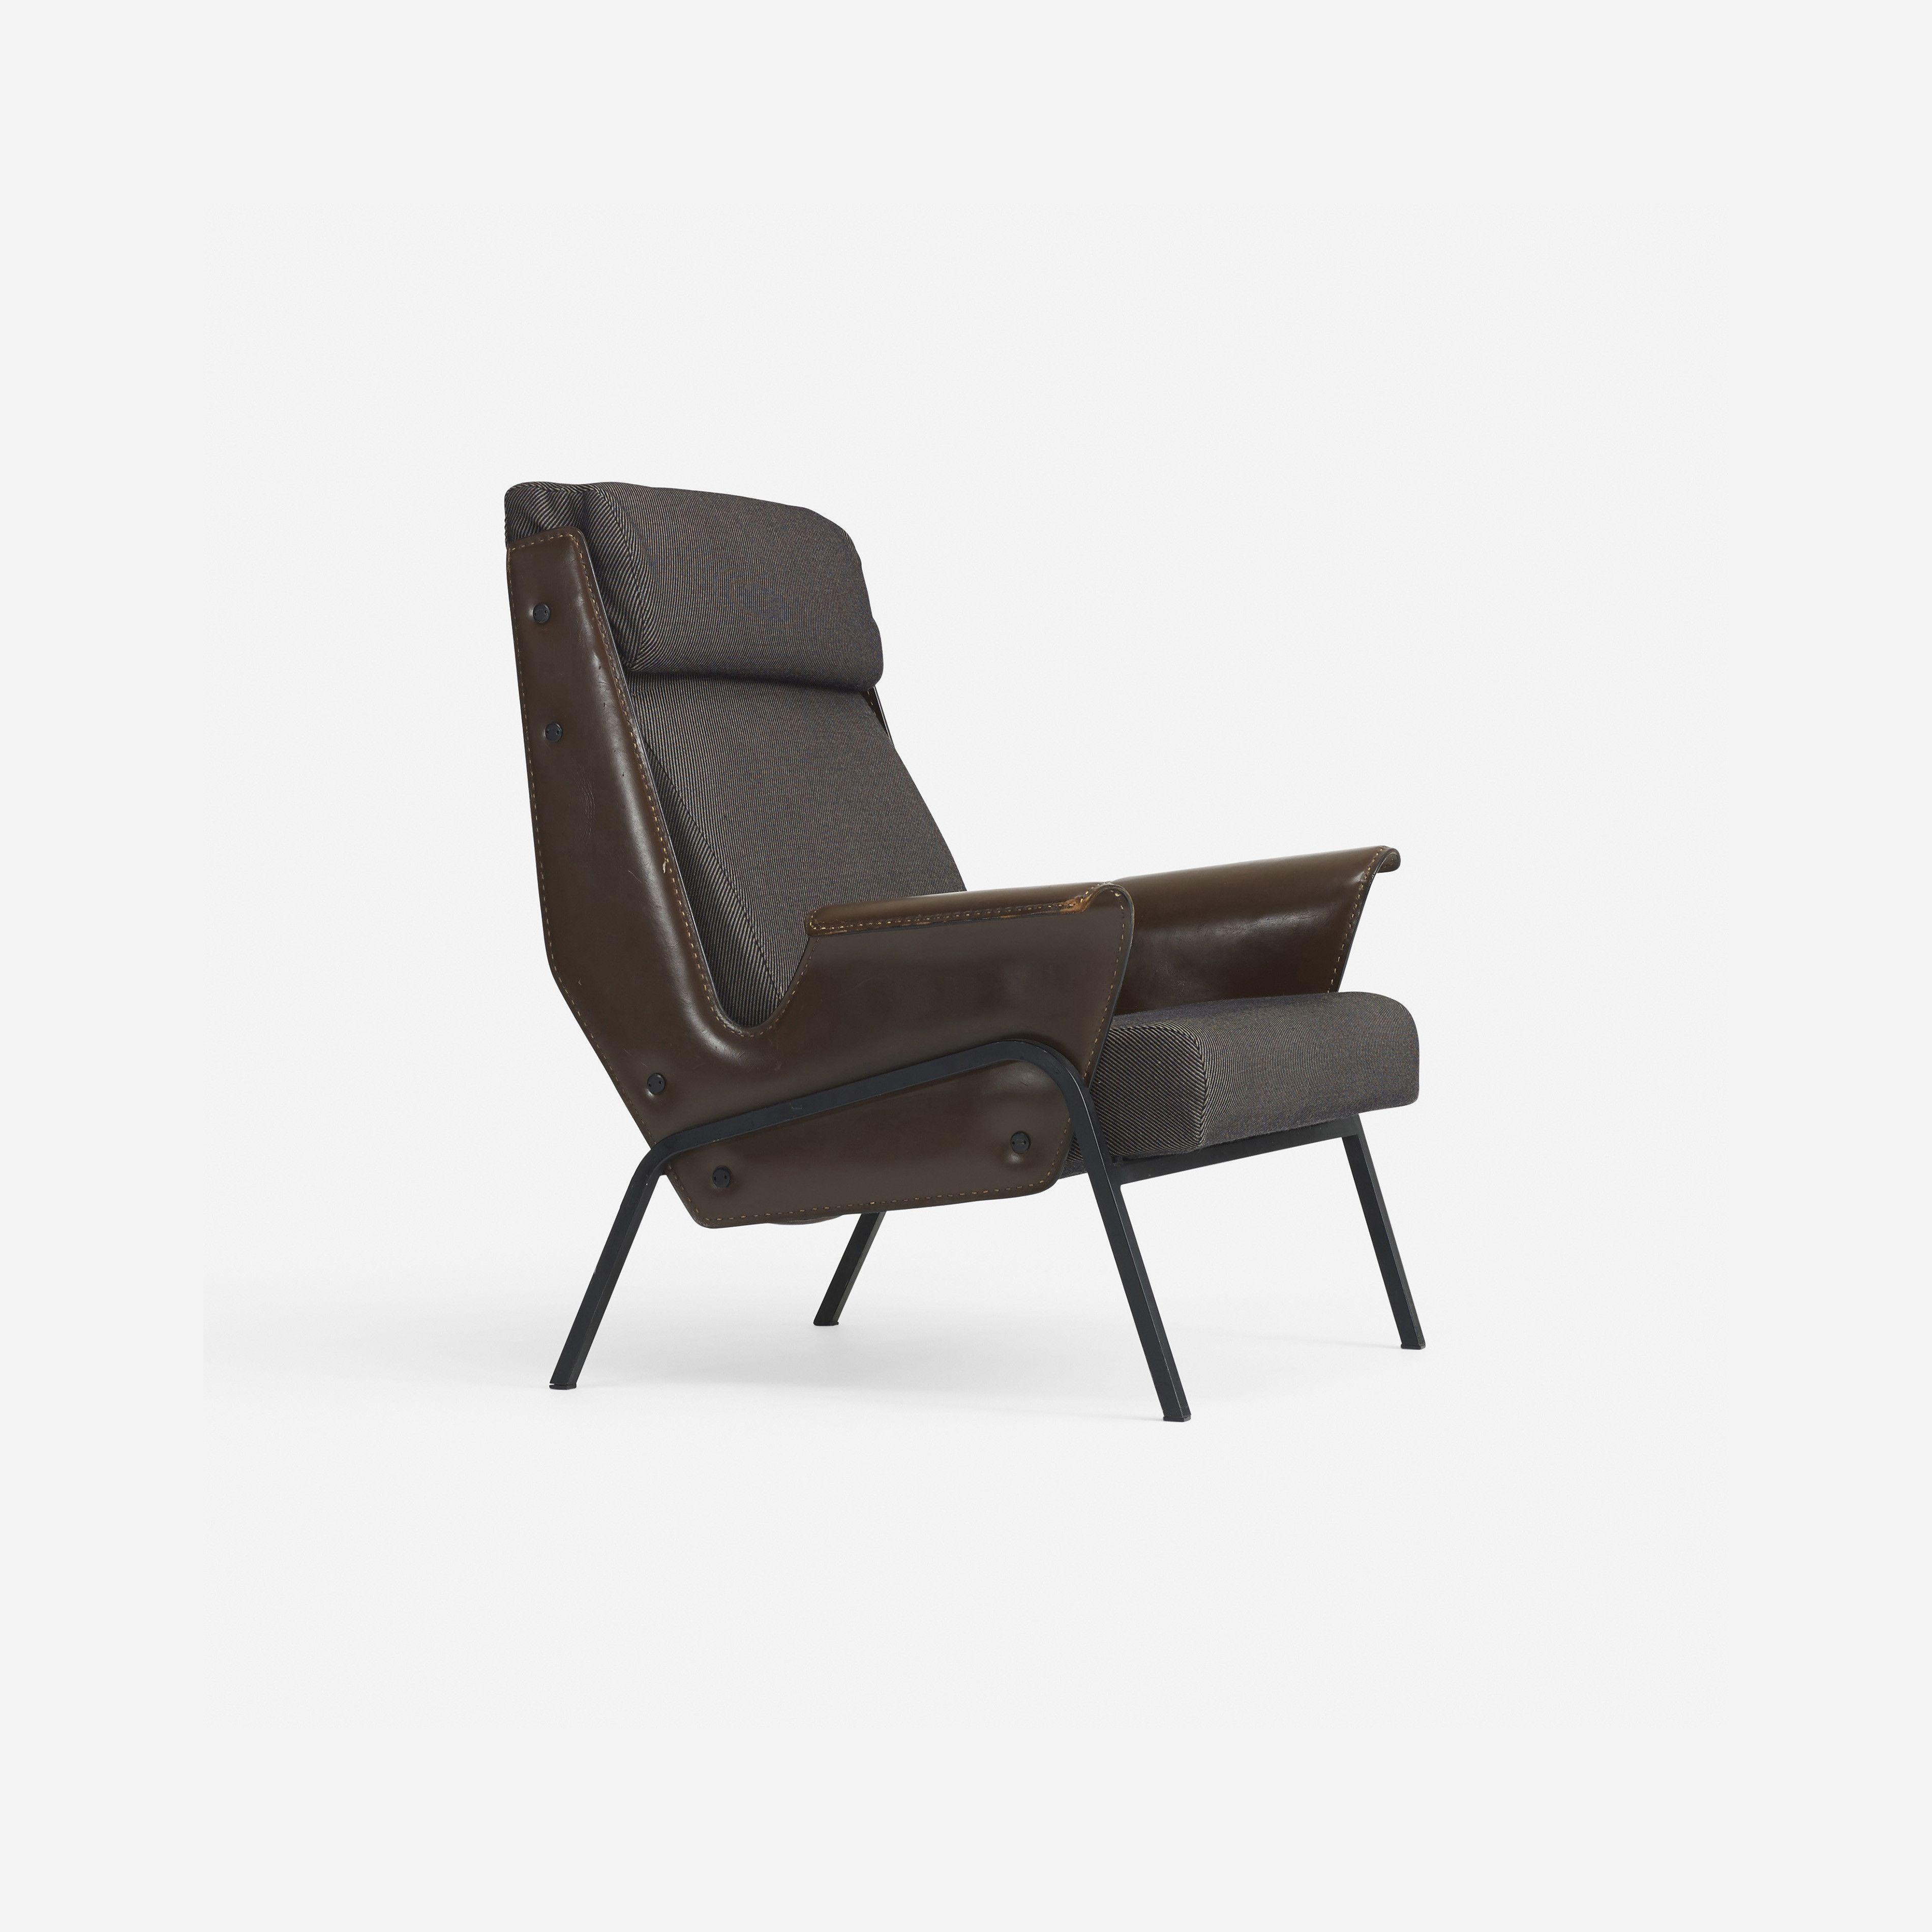 Pleasing Gustavo Pulitzer Alba Lounge Chair Arflex Italy 1959 Unemploymentrelief Wooden Chair Designs For Living Room Unemploymentrelieforg